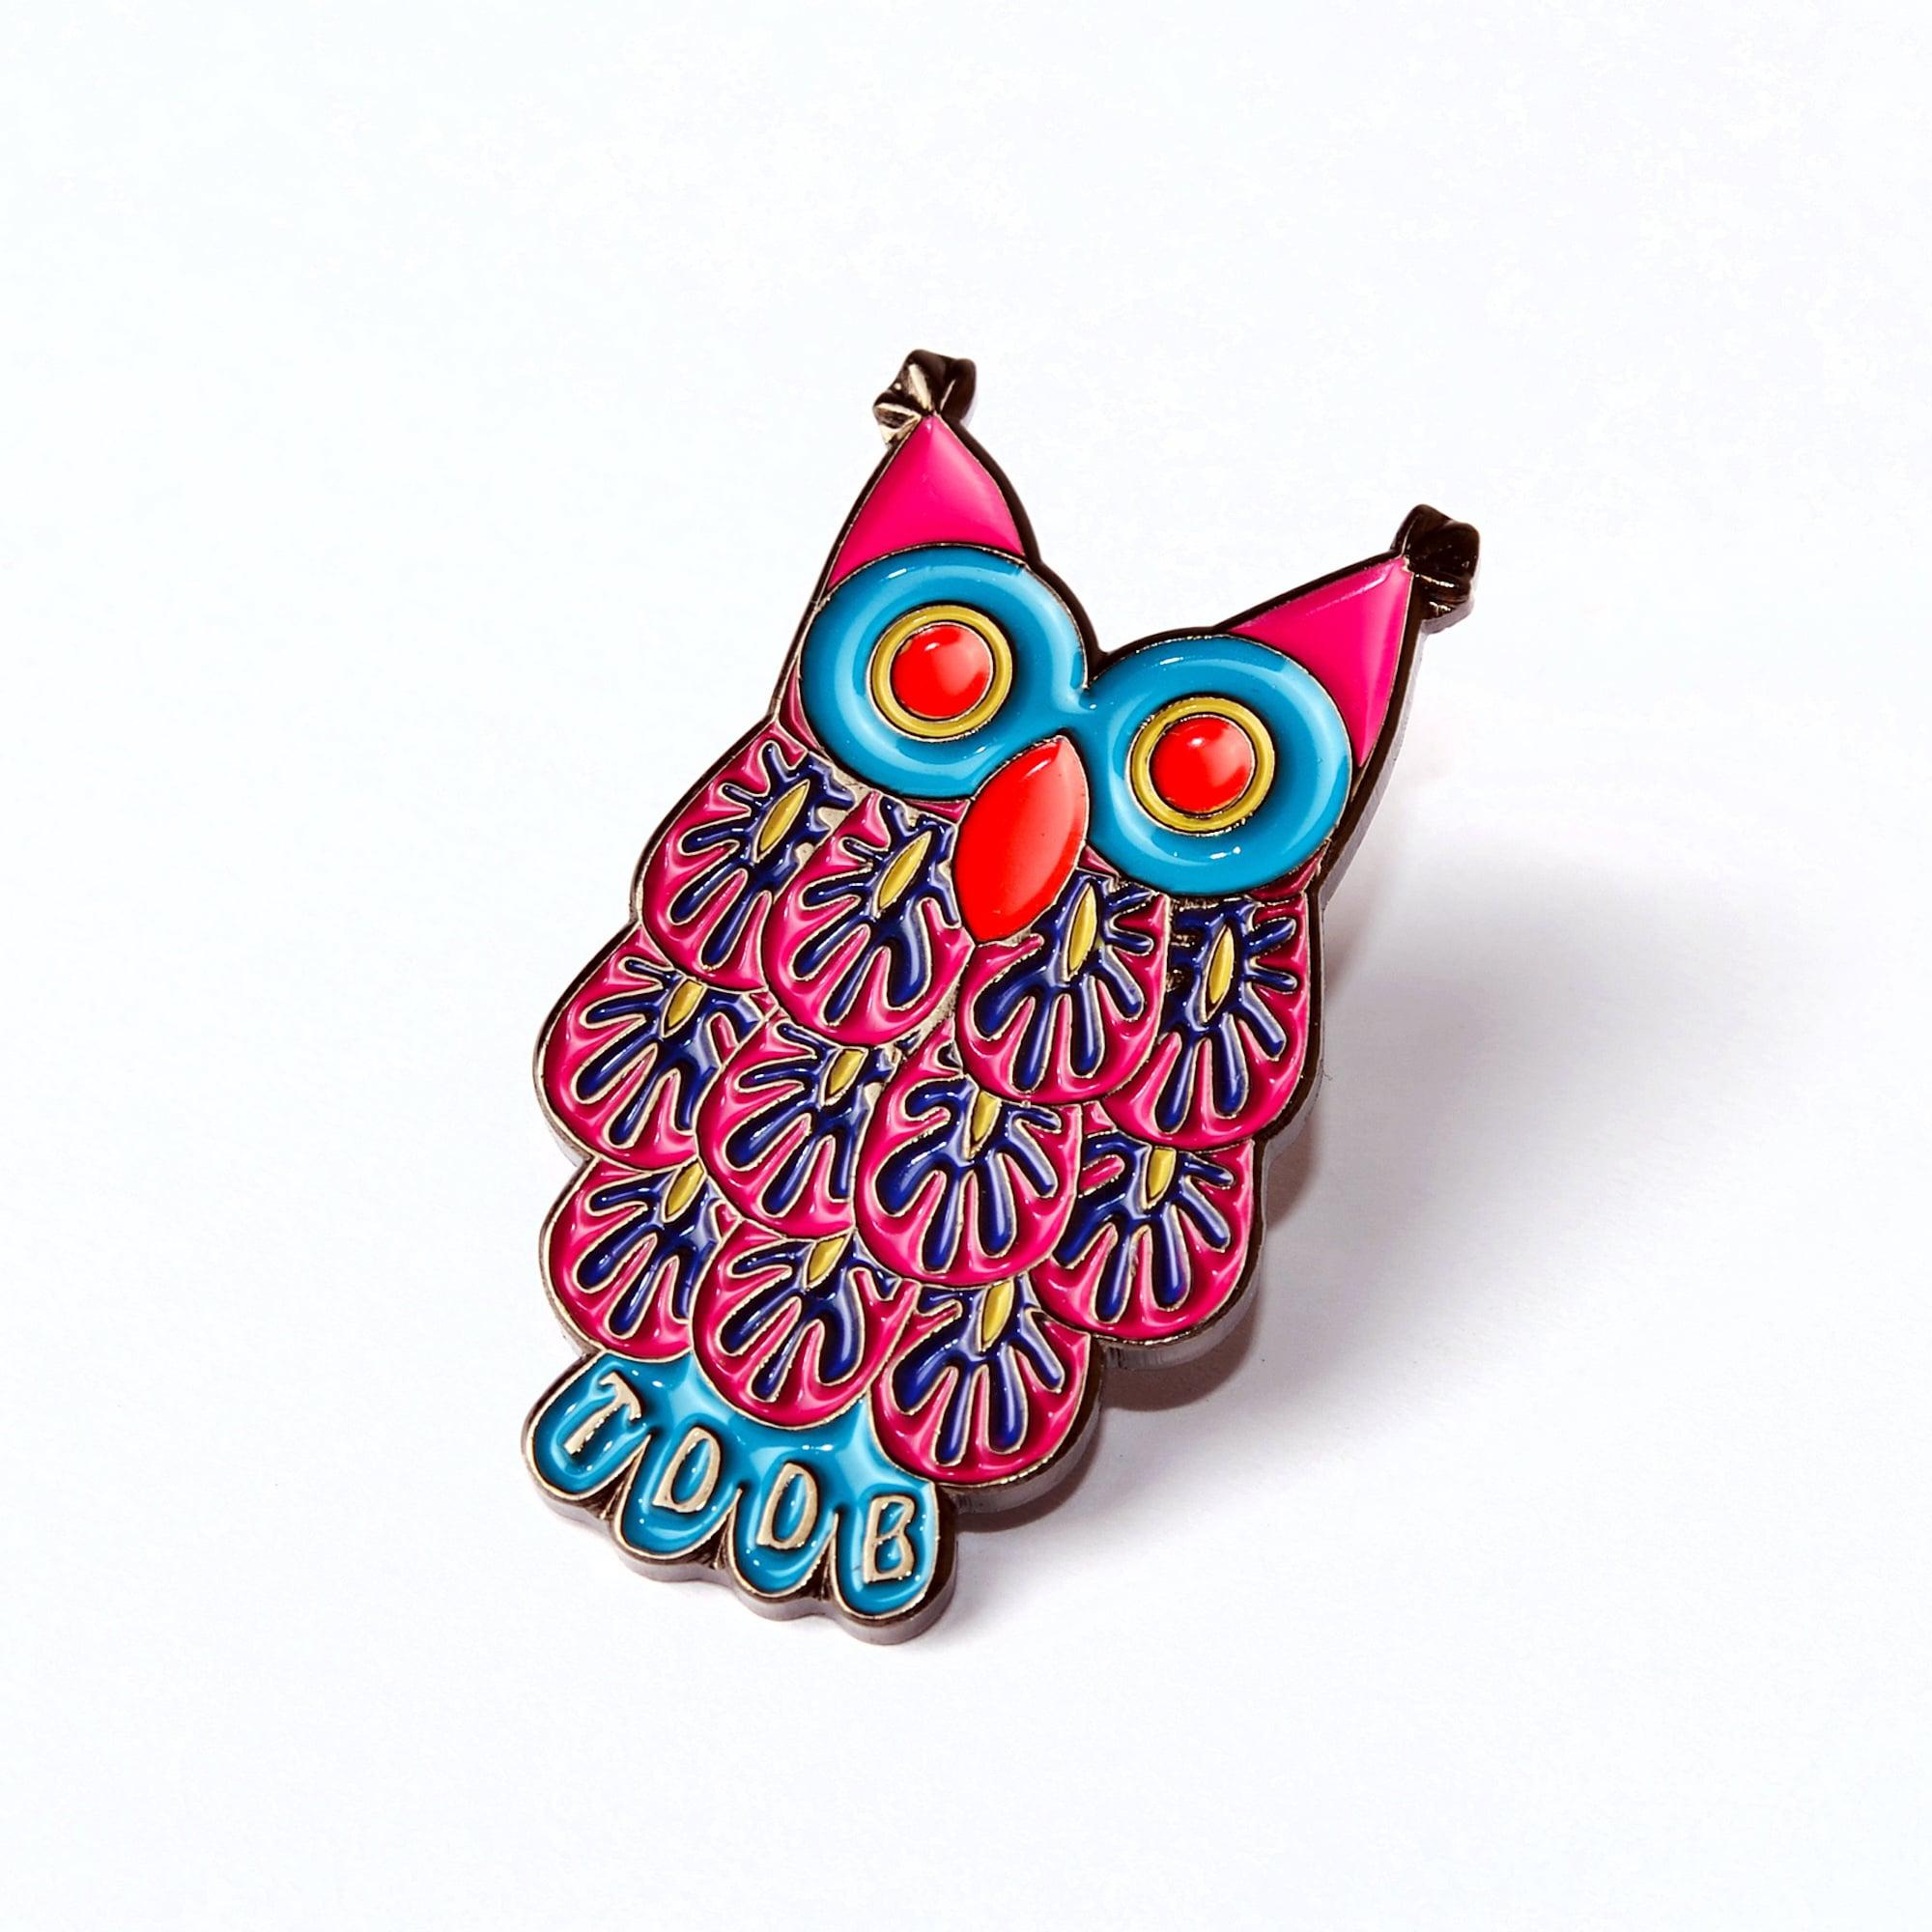 Pins maken van uw logo of design, al vanaf 10 stuks leverbaar